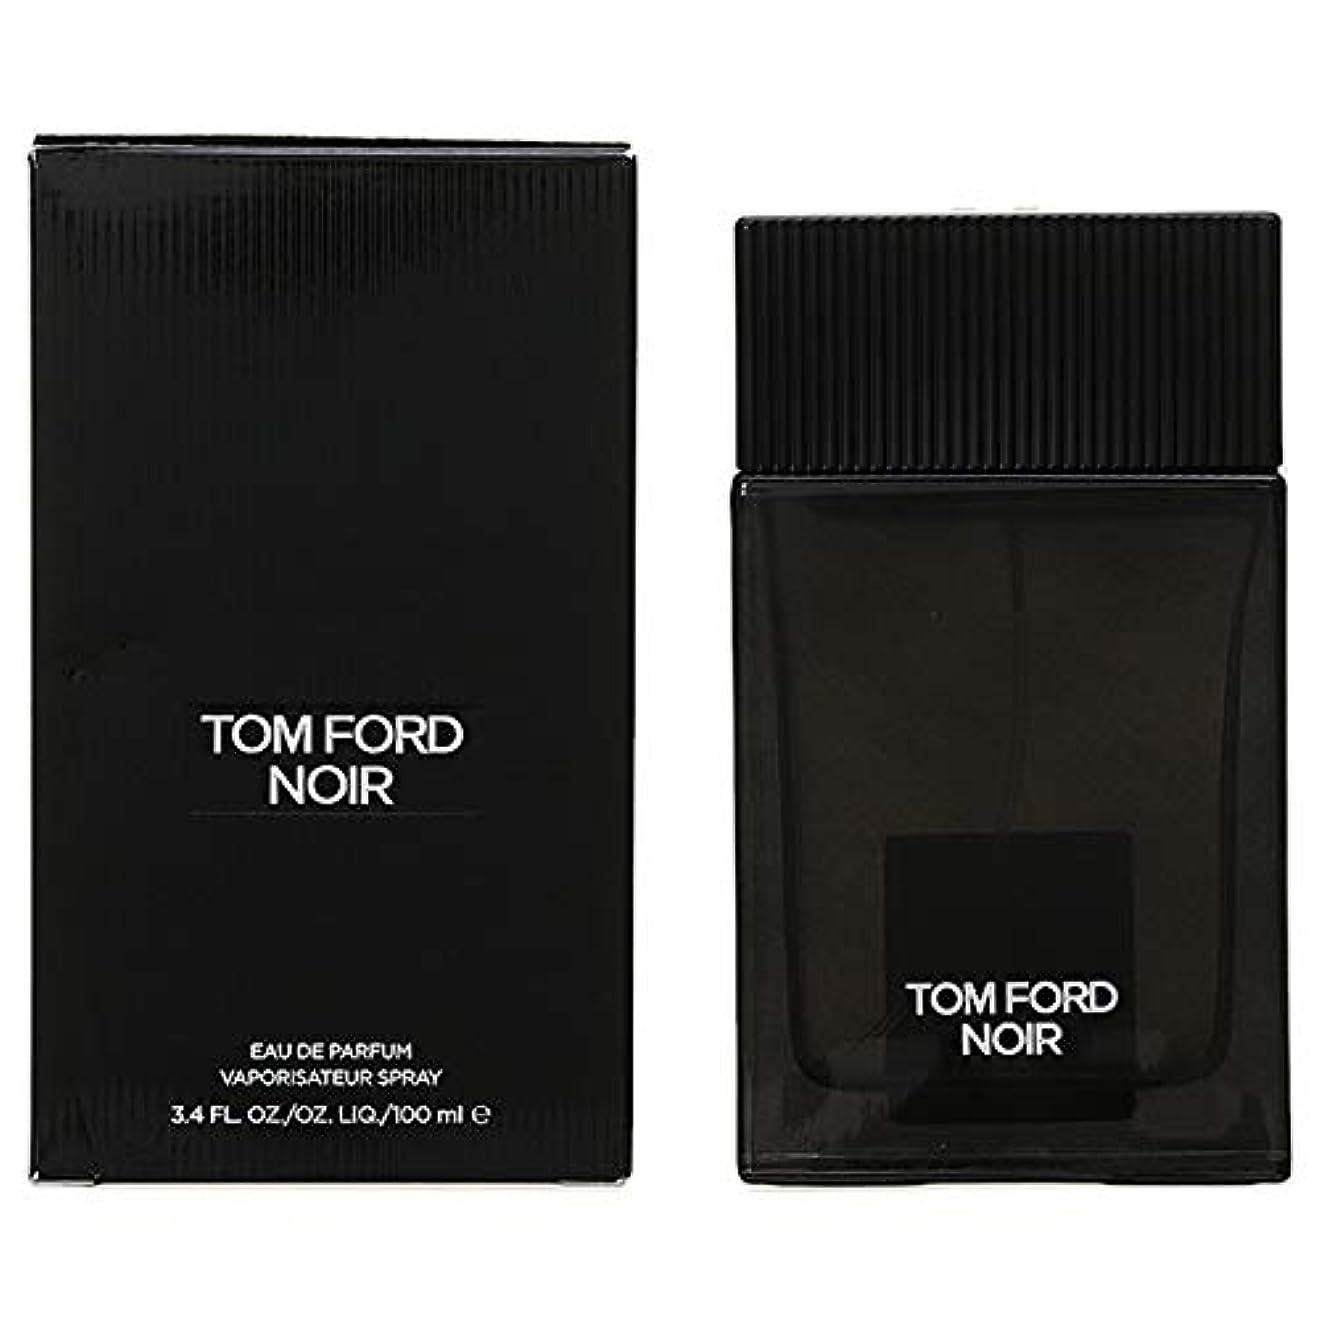 膨張する眠る進化するトム フォード ビューティ TOM FORD BEAUTY ノワール オード パルファム スプレィ EDP 100mL [並行輸入品]